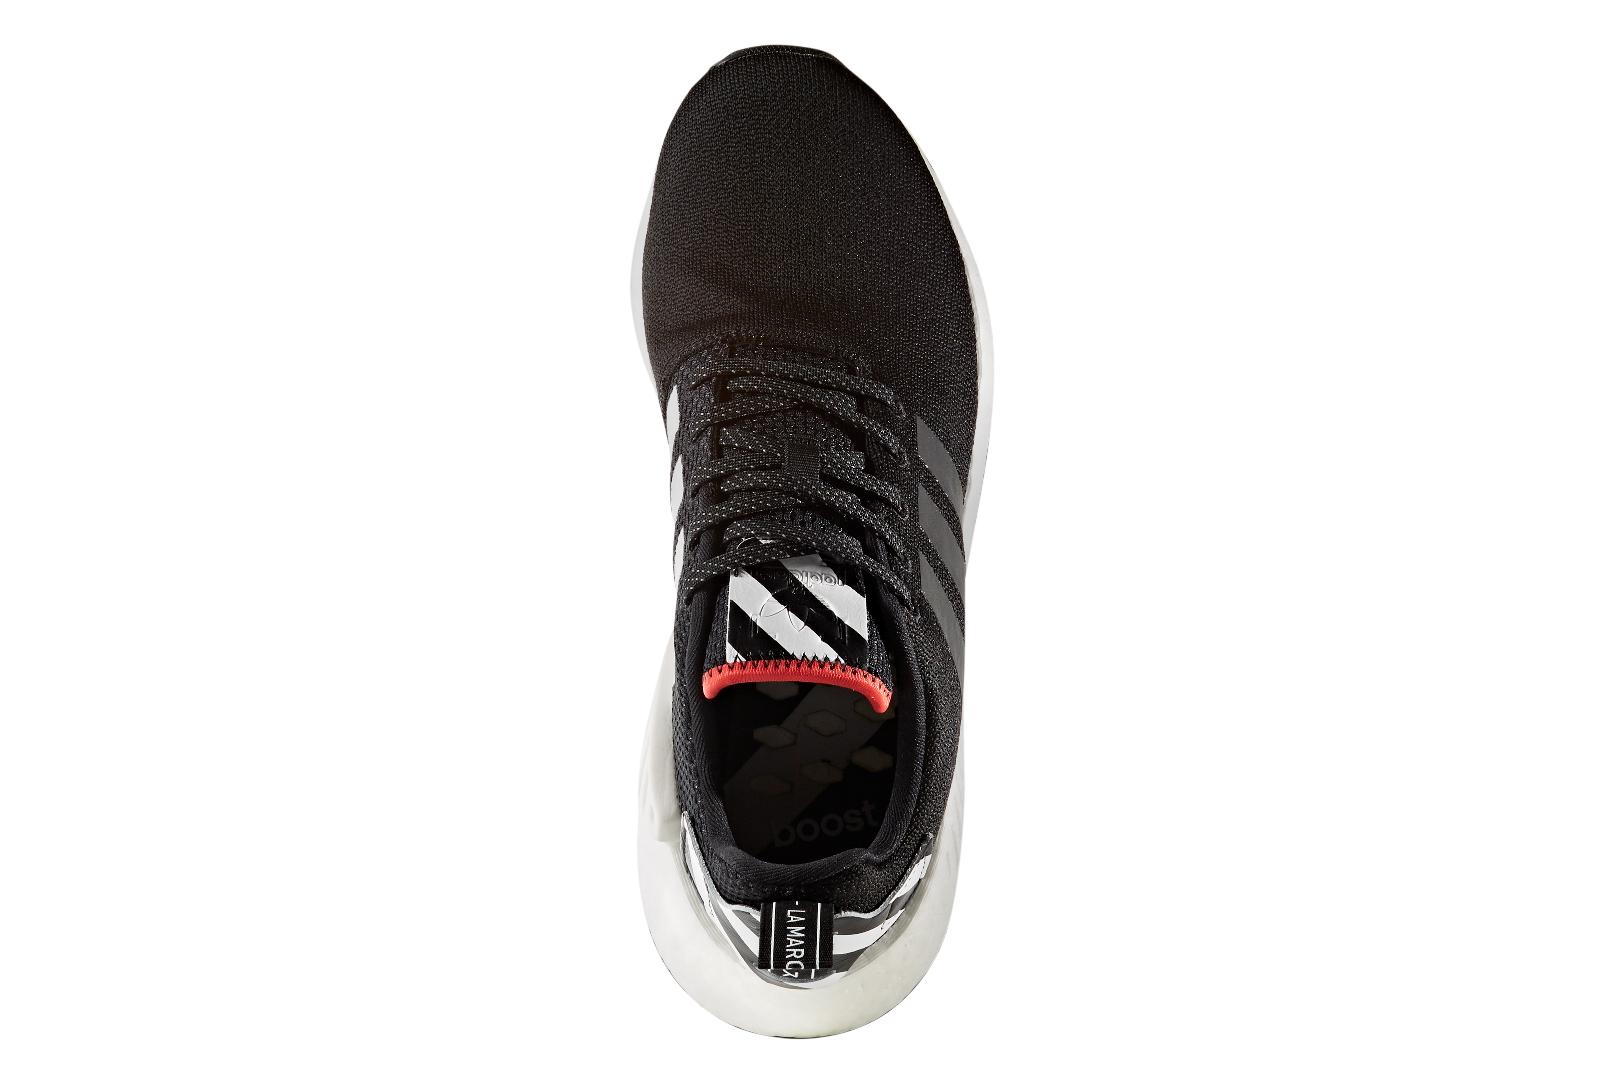 adidas Originals NMD R2 Flagship Exclusive - 633811